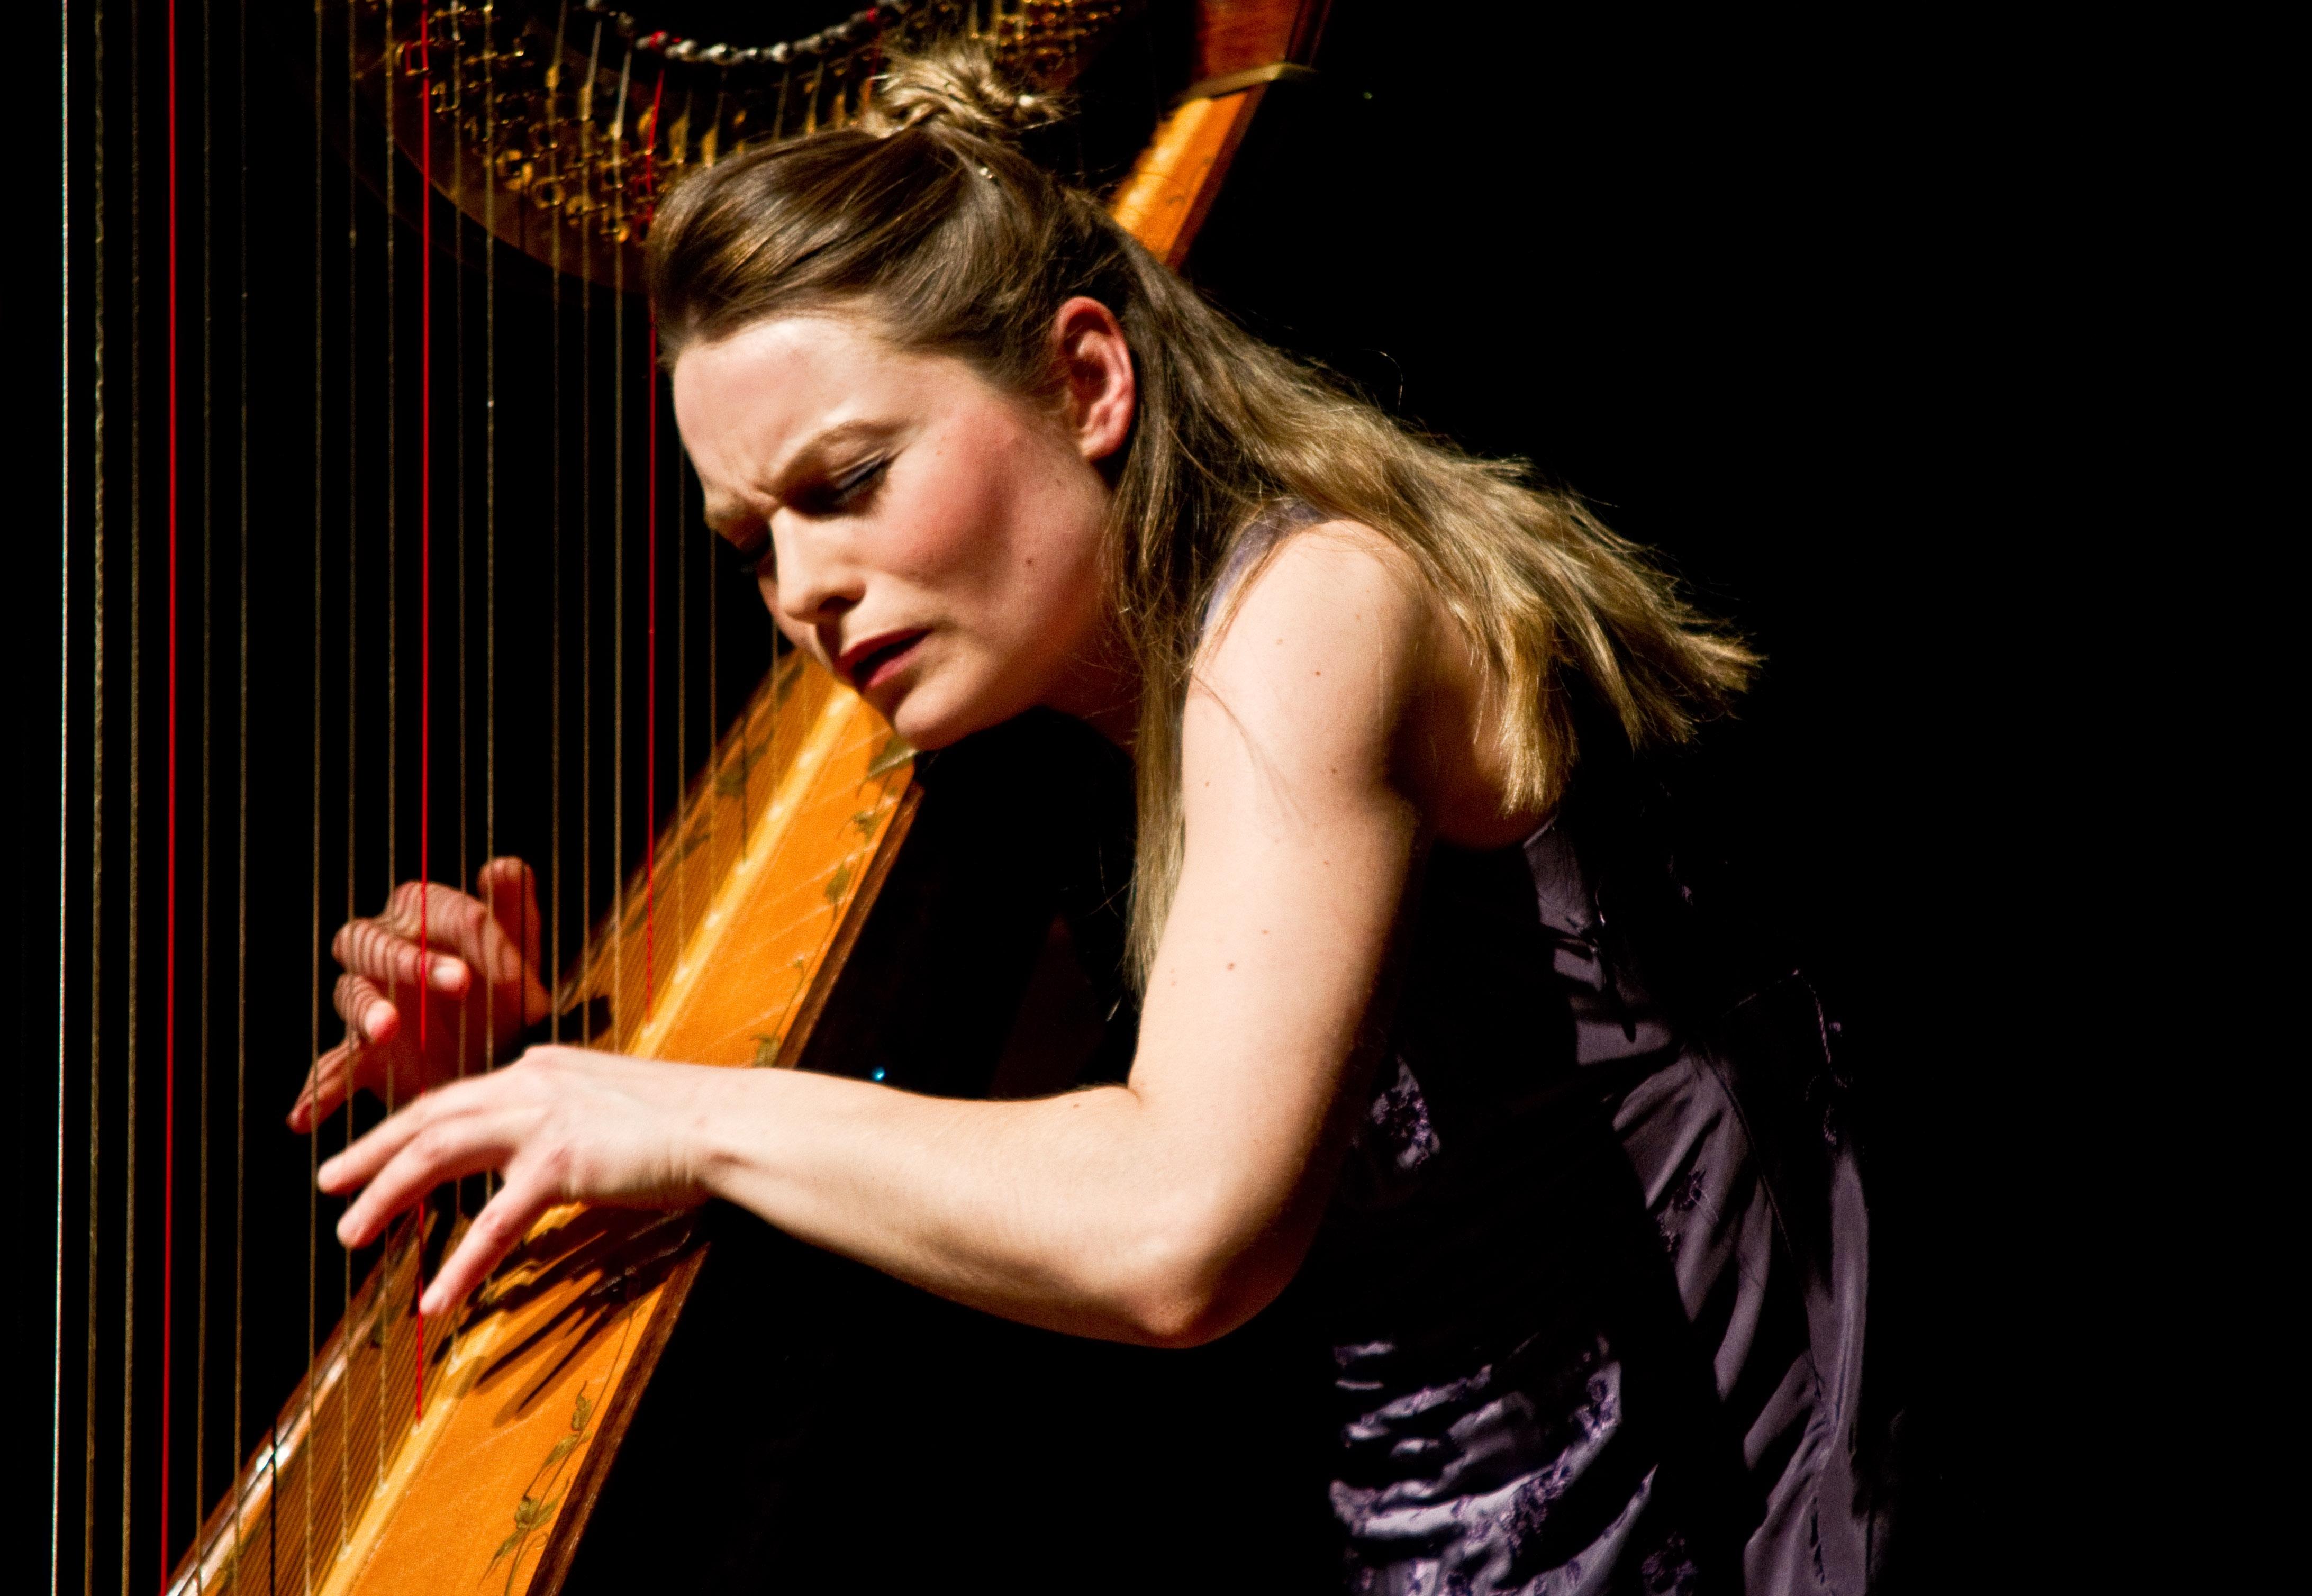 Eleanor mid concerto performance